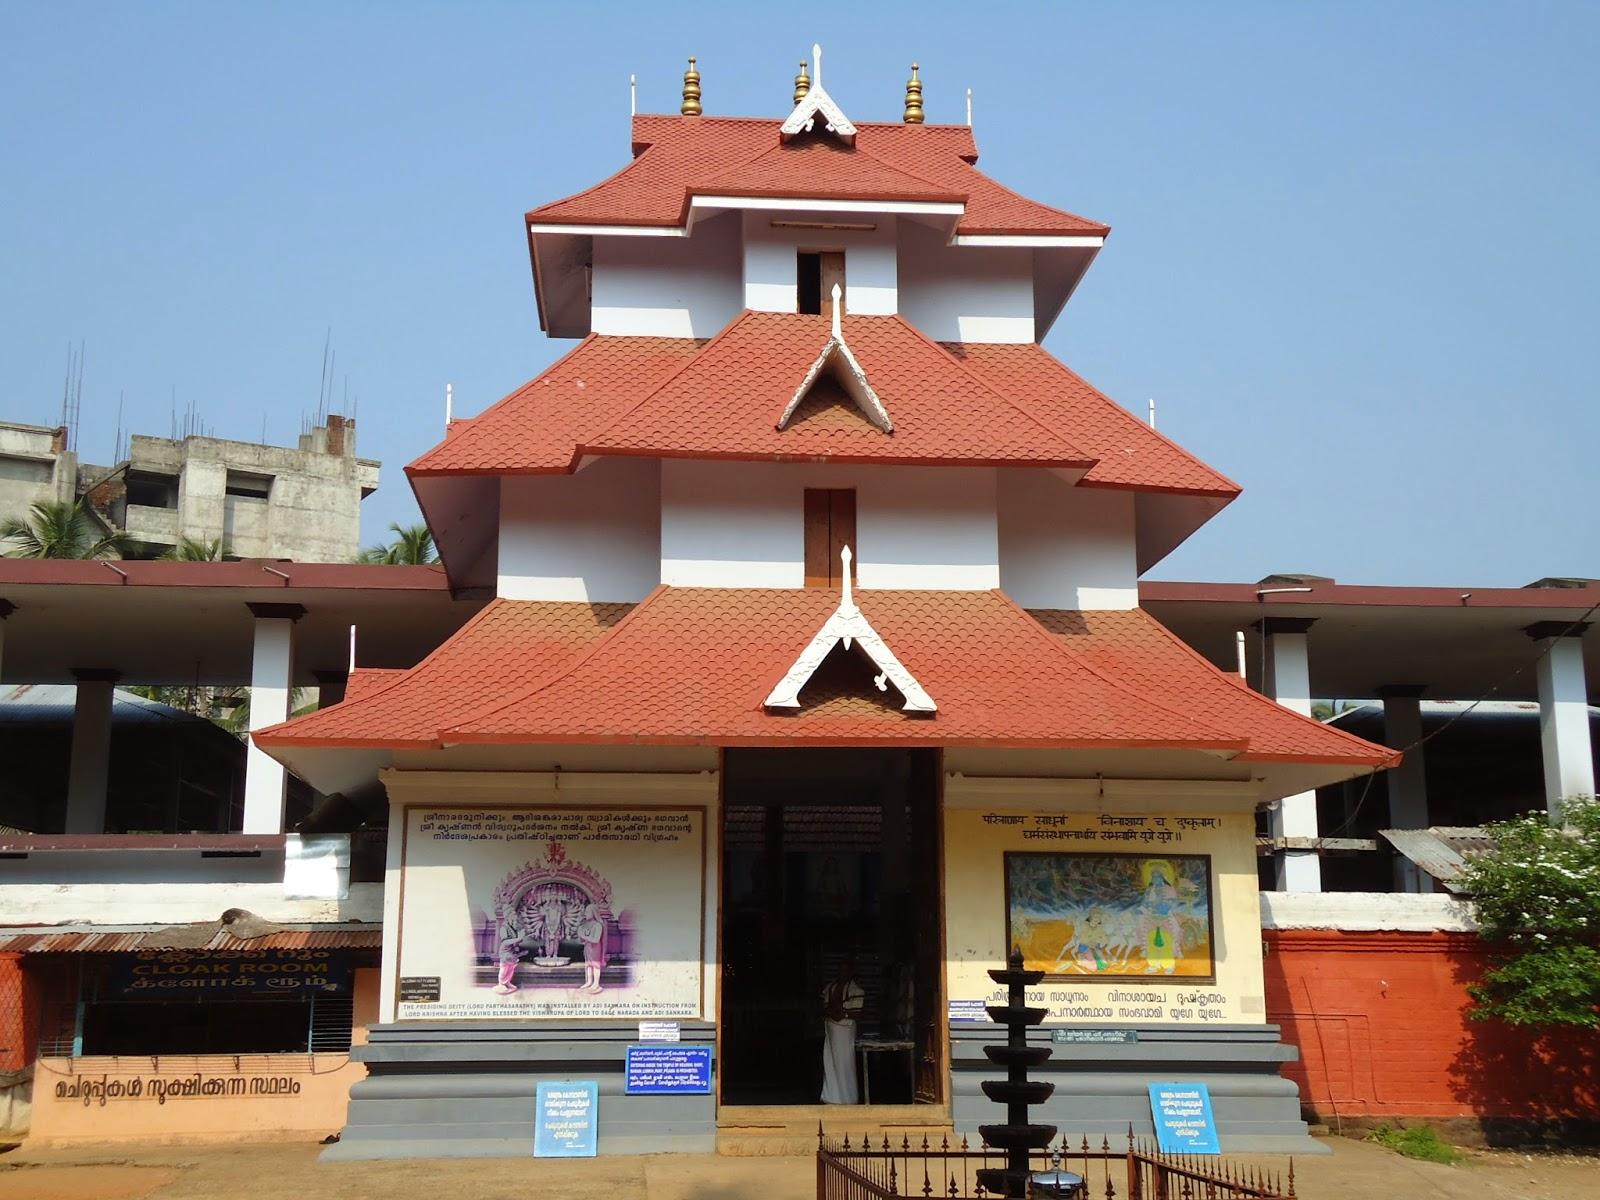 गुरुवयुर मंंदिर, केरल (Guruvayur Temple, Kerala)